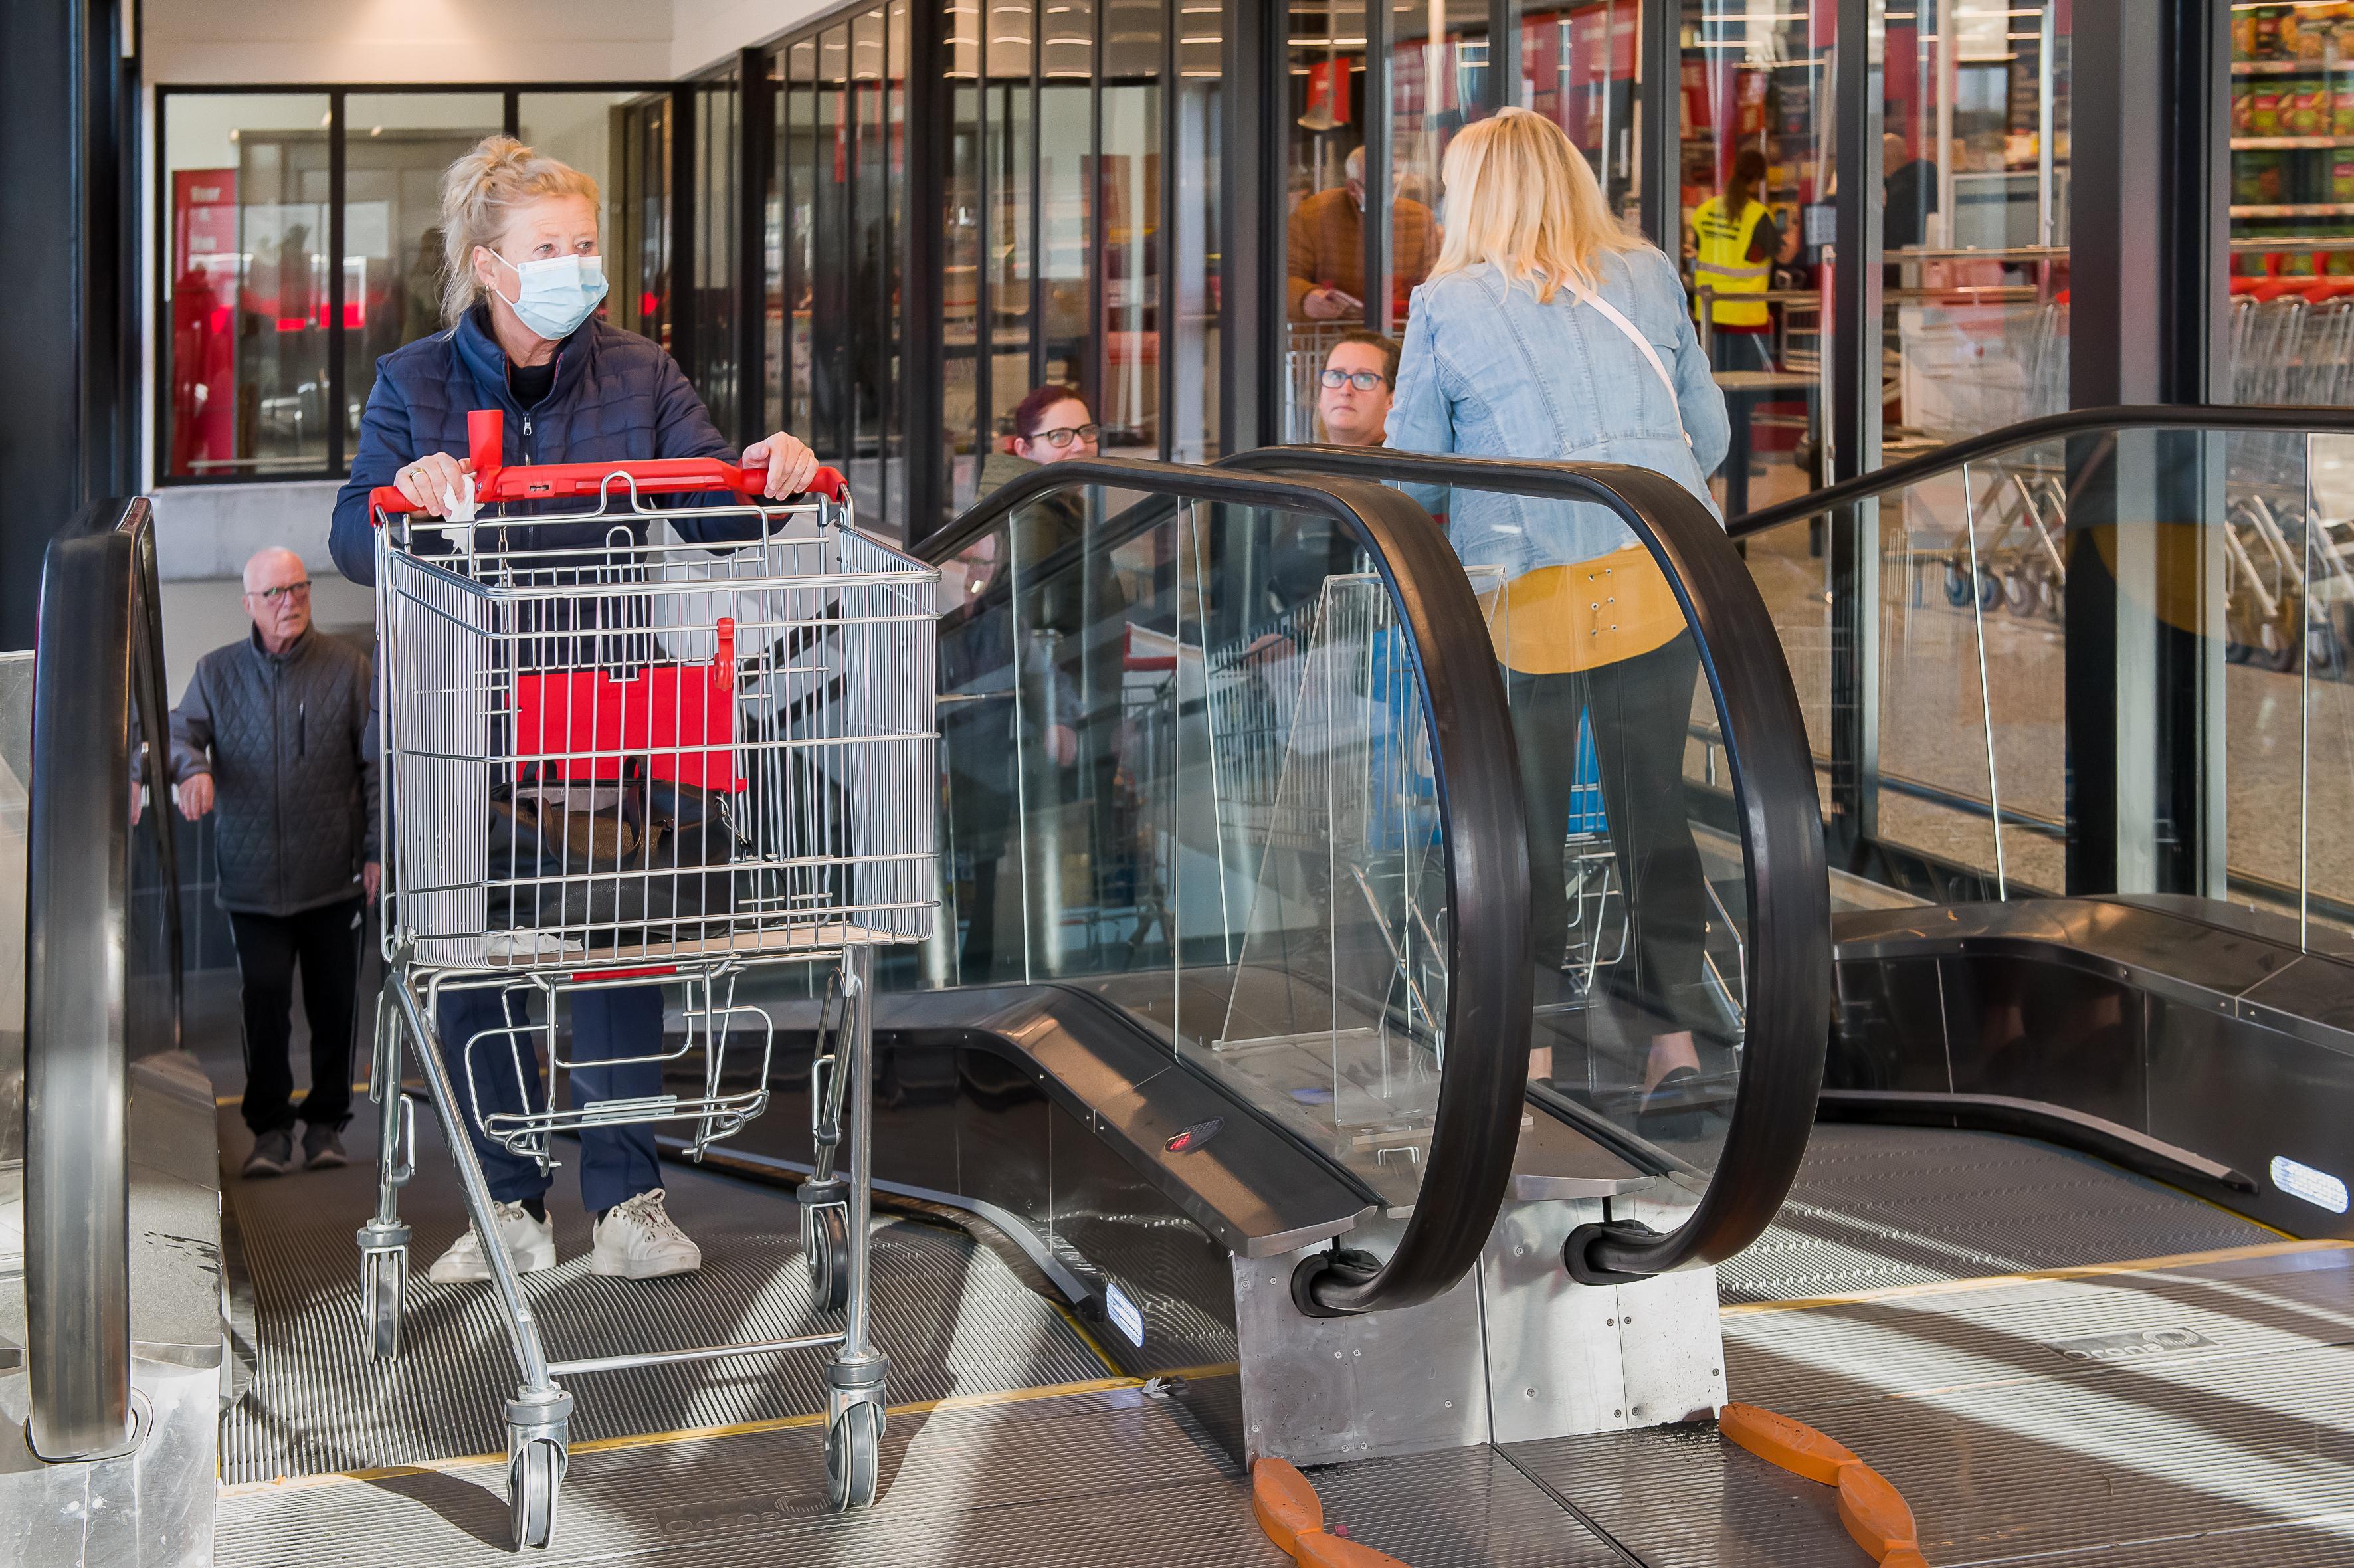 Reuring over de rolband bij nieuwe Dirk van den Broek in Volendam na incidentje met kinderwagen; 'Ja, ik ging wel met mijn karretje naar boven. Maar omlaag vertrouwde ik het niet'